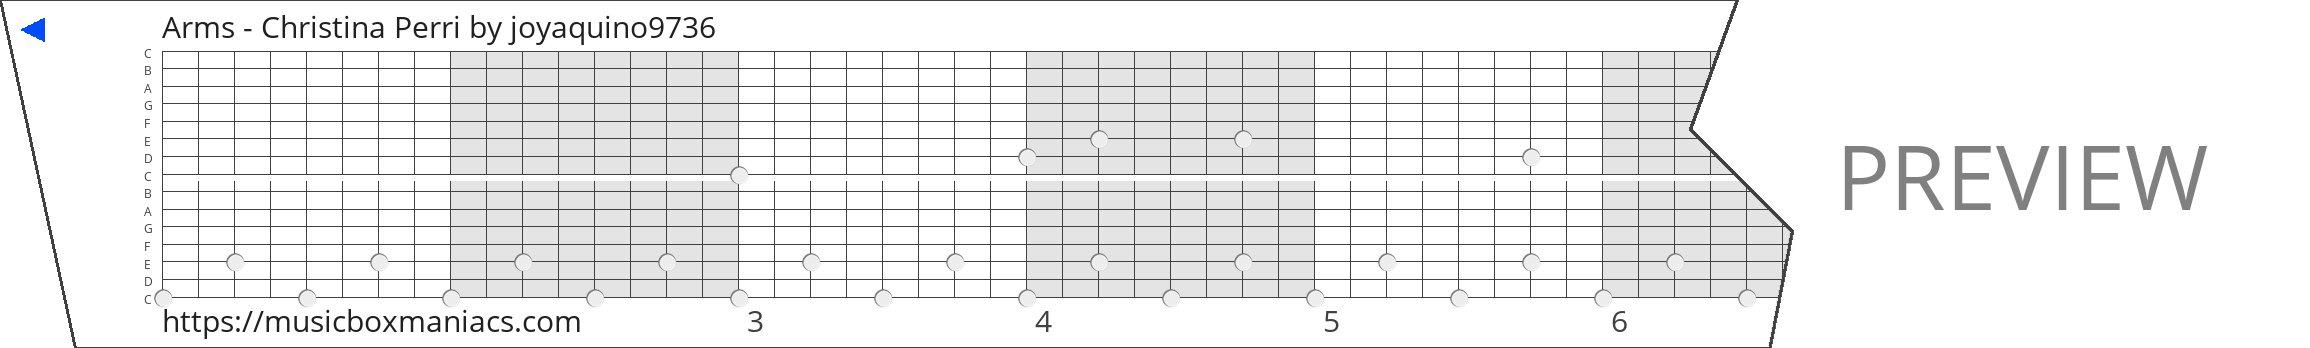 Arms - Christina Perri 15 note music box paper strip